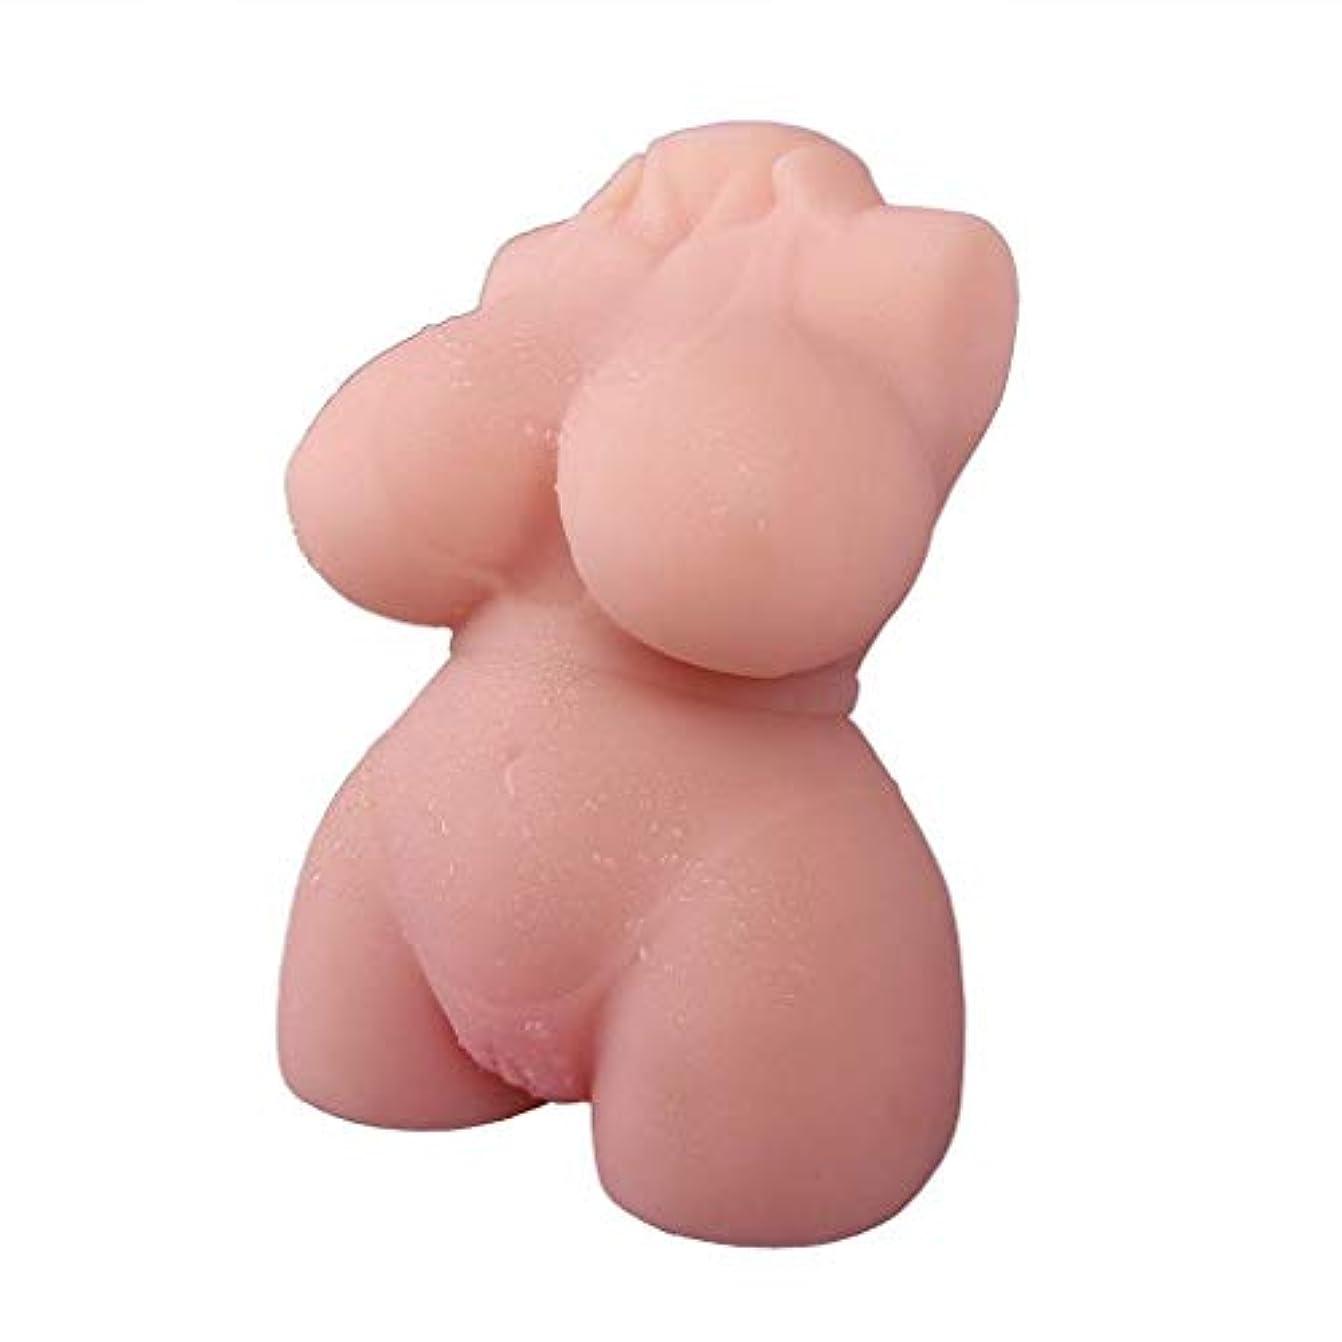 スリチンモイ瞬時に説教オーラルセクシーなリアルな実スキンボディトルソーサイズの女性大人のおもちゃ